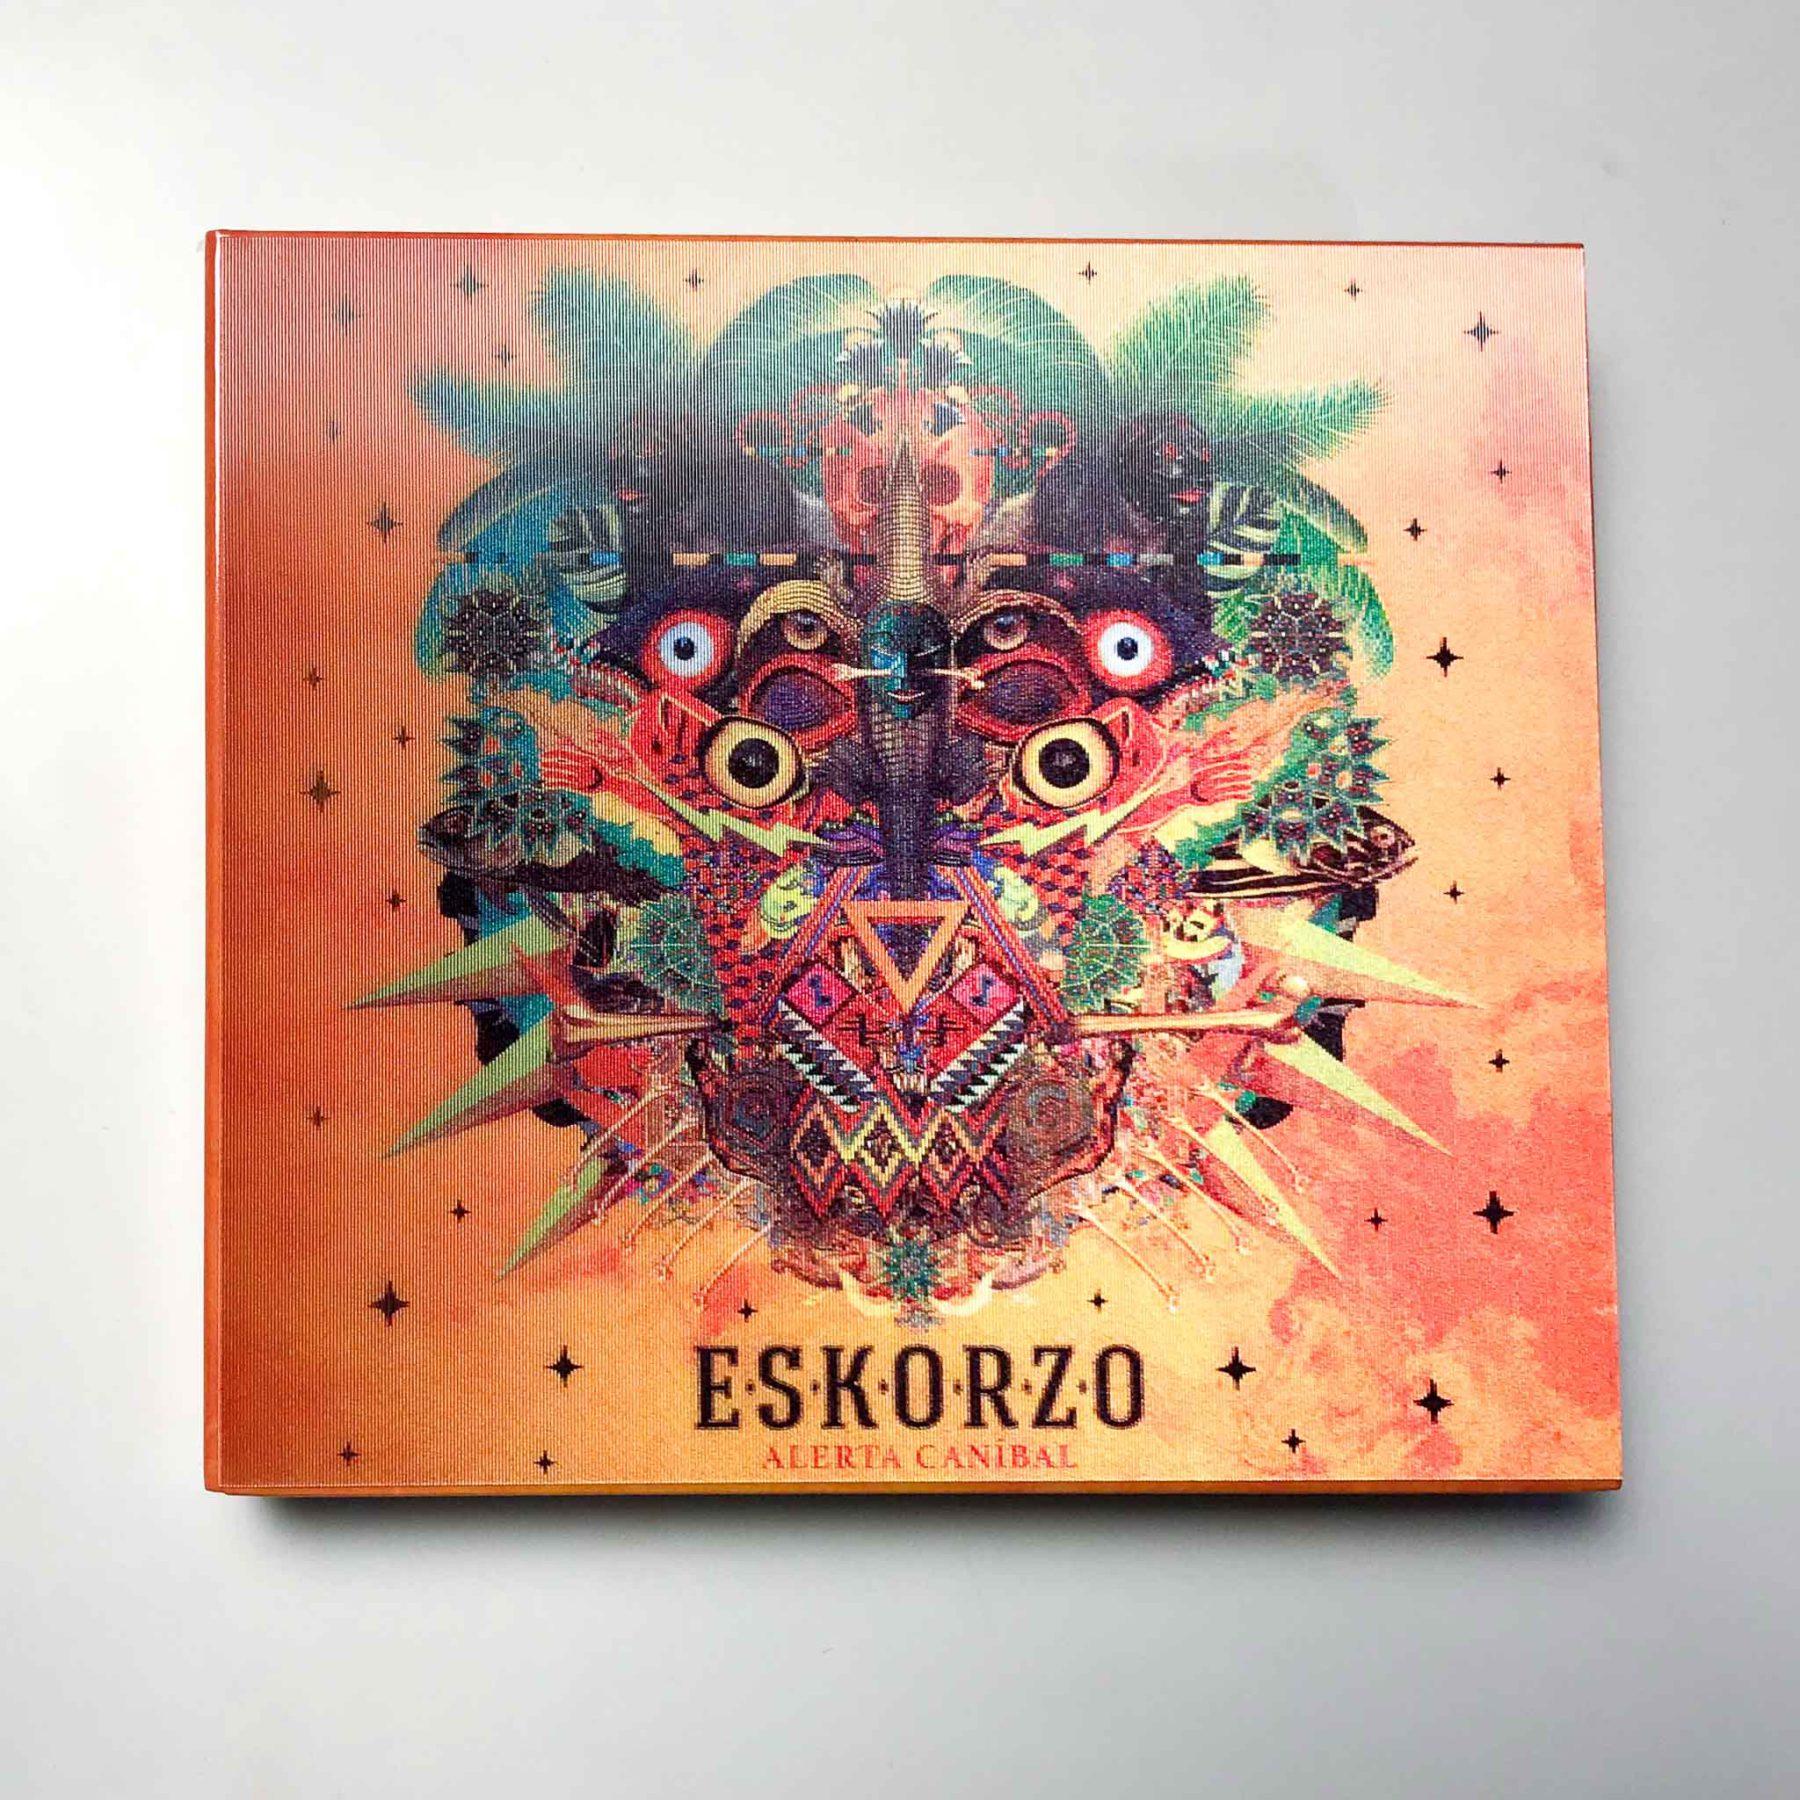 portada alerta caníbal de Eskorzo